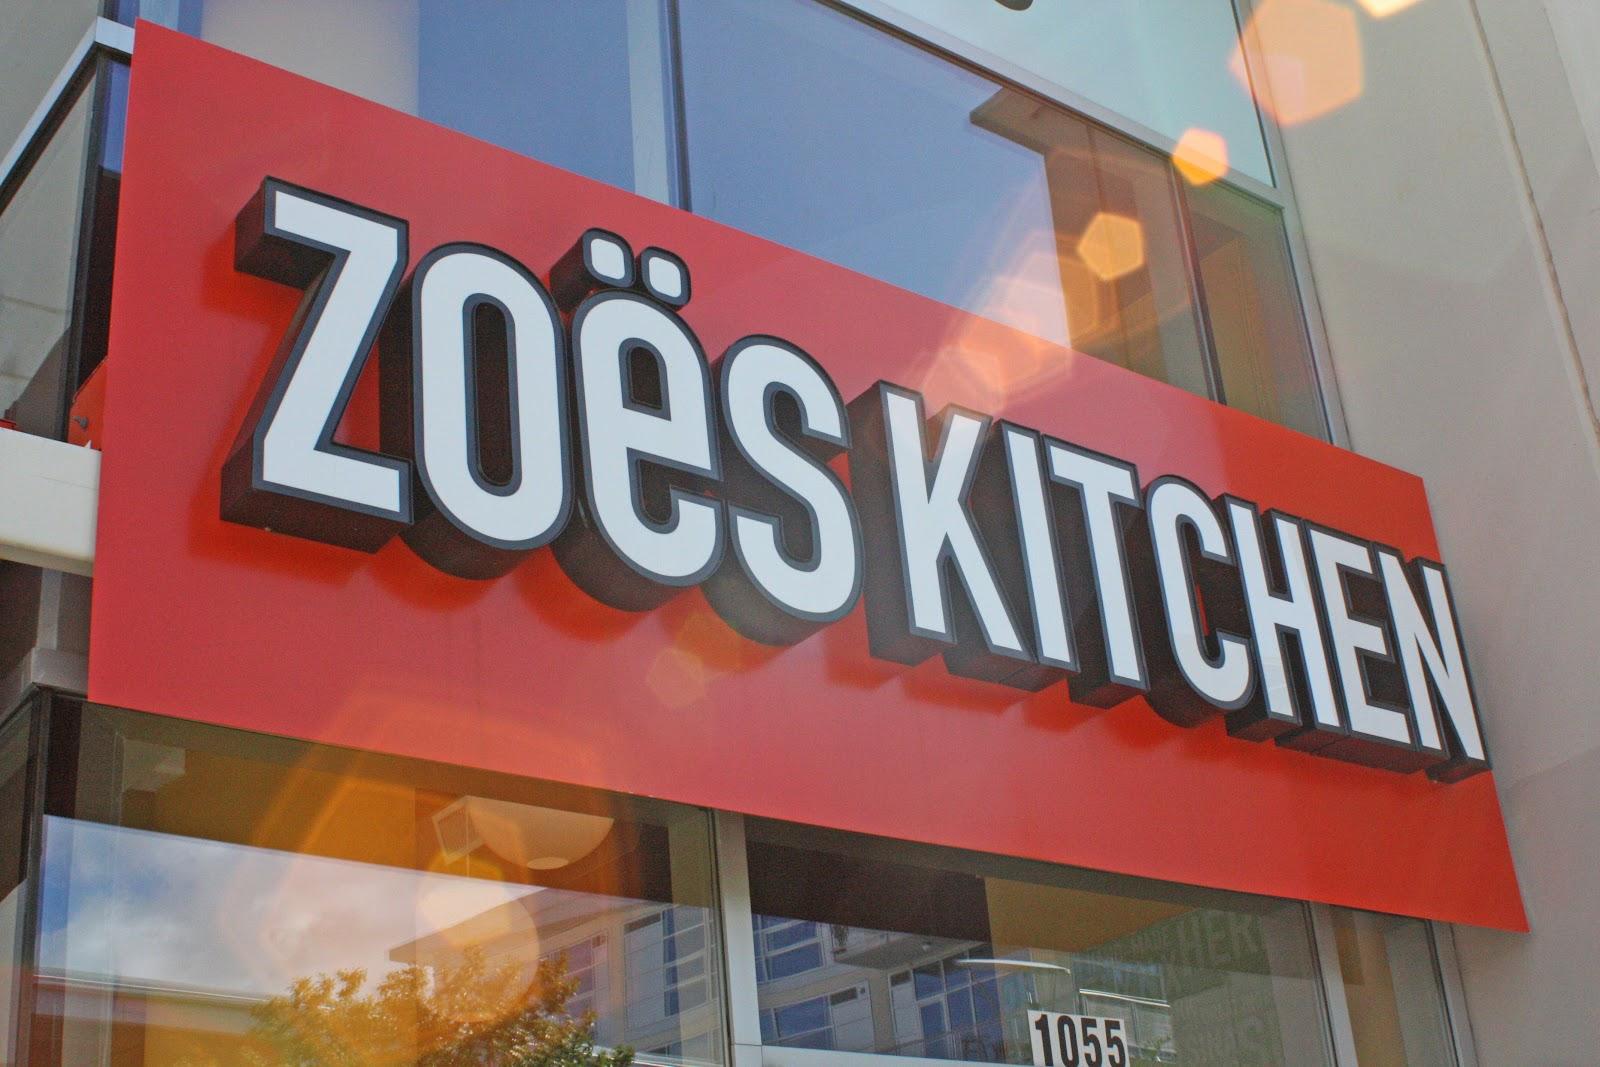 http://3.bp.blogspot.com/-SuQ-mS168mc/T05yP8M_3BI/AAAAAAAABOA/wd8a0r_lLII/s1600/Zoes-Kitchen-Urbanfoodlife-2.jpg